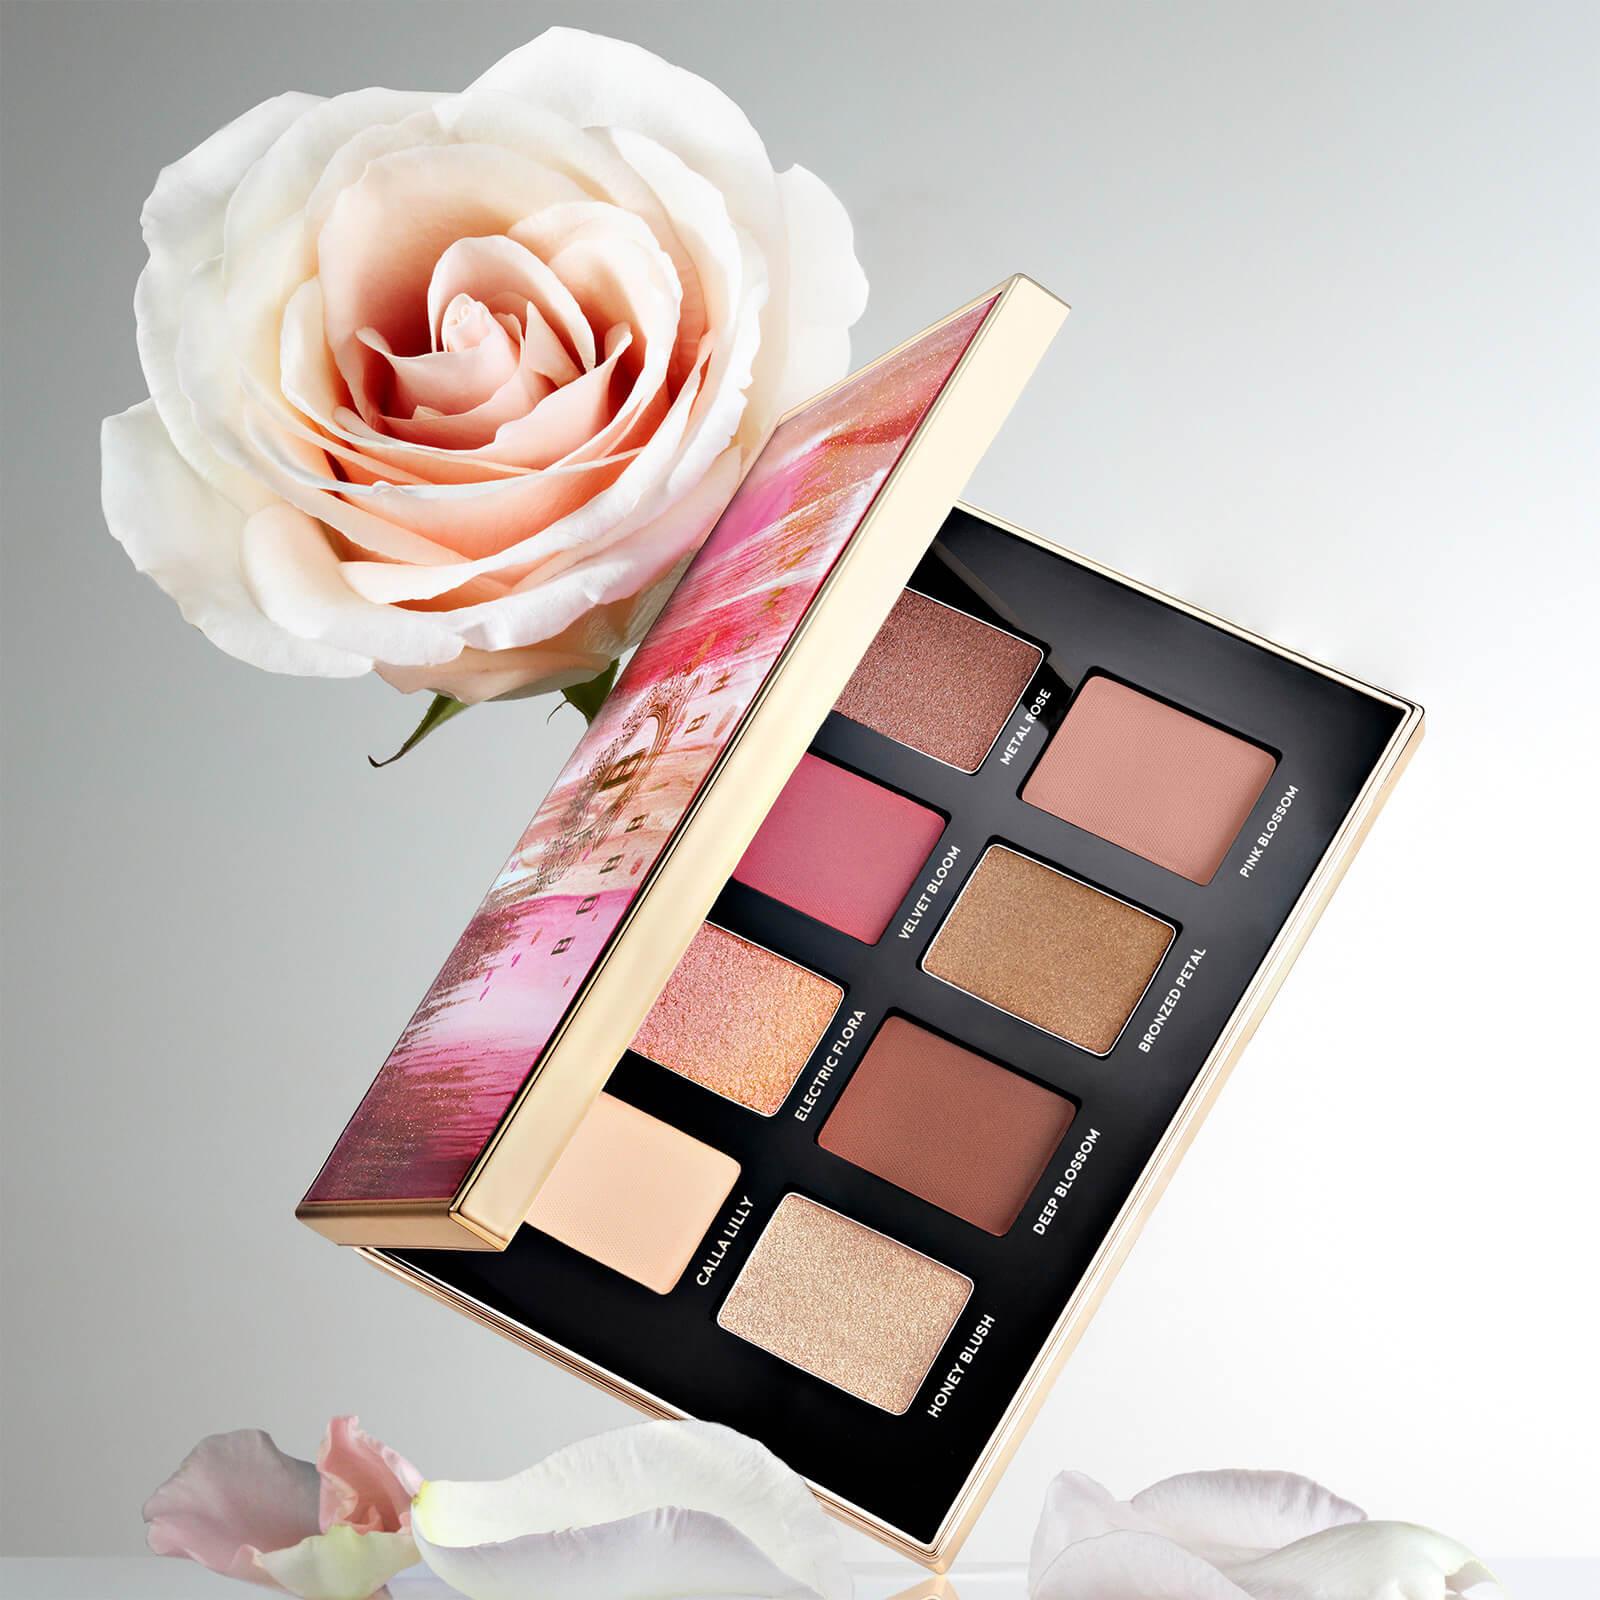 Bobbi Brown Luxe Metal Rose Eyeshadow Palette